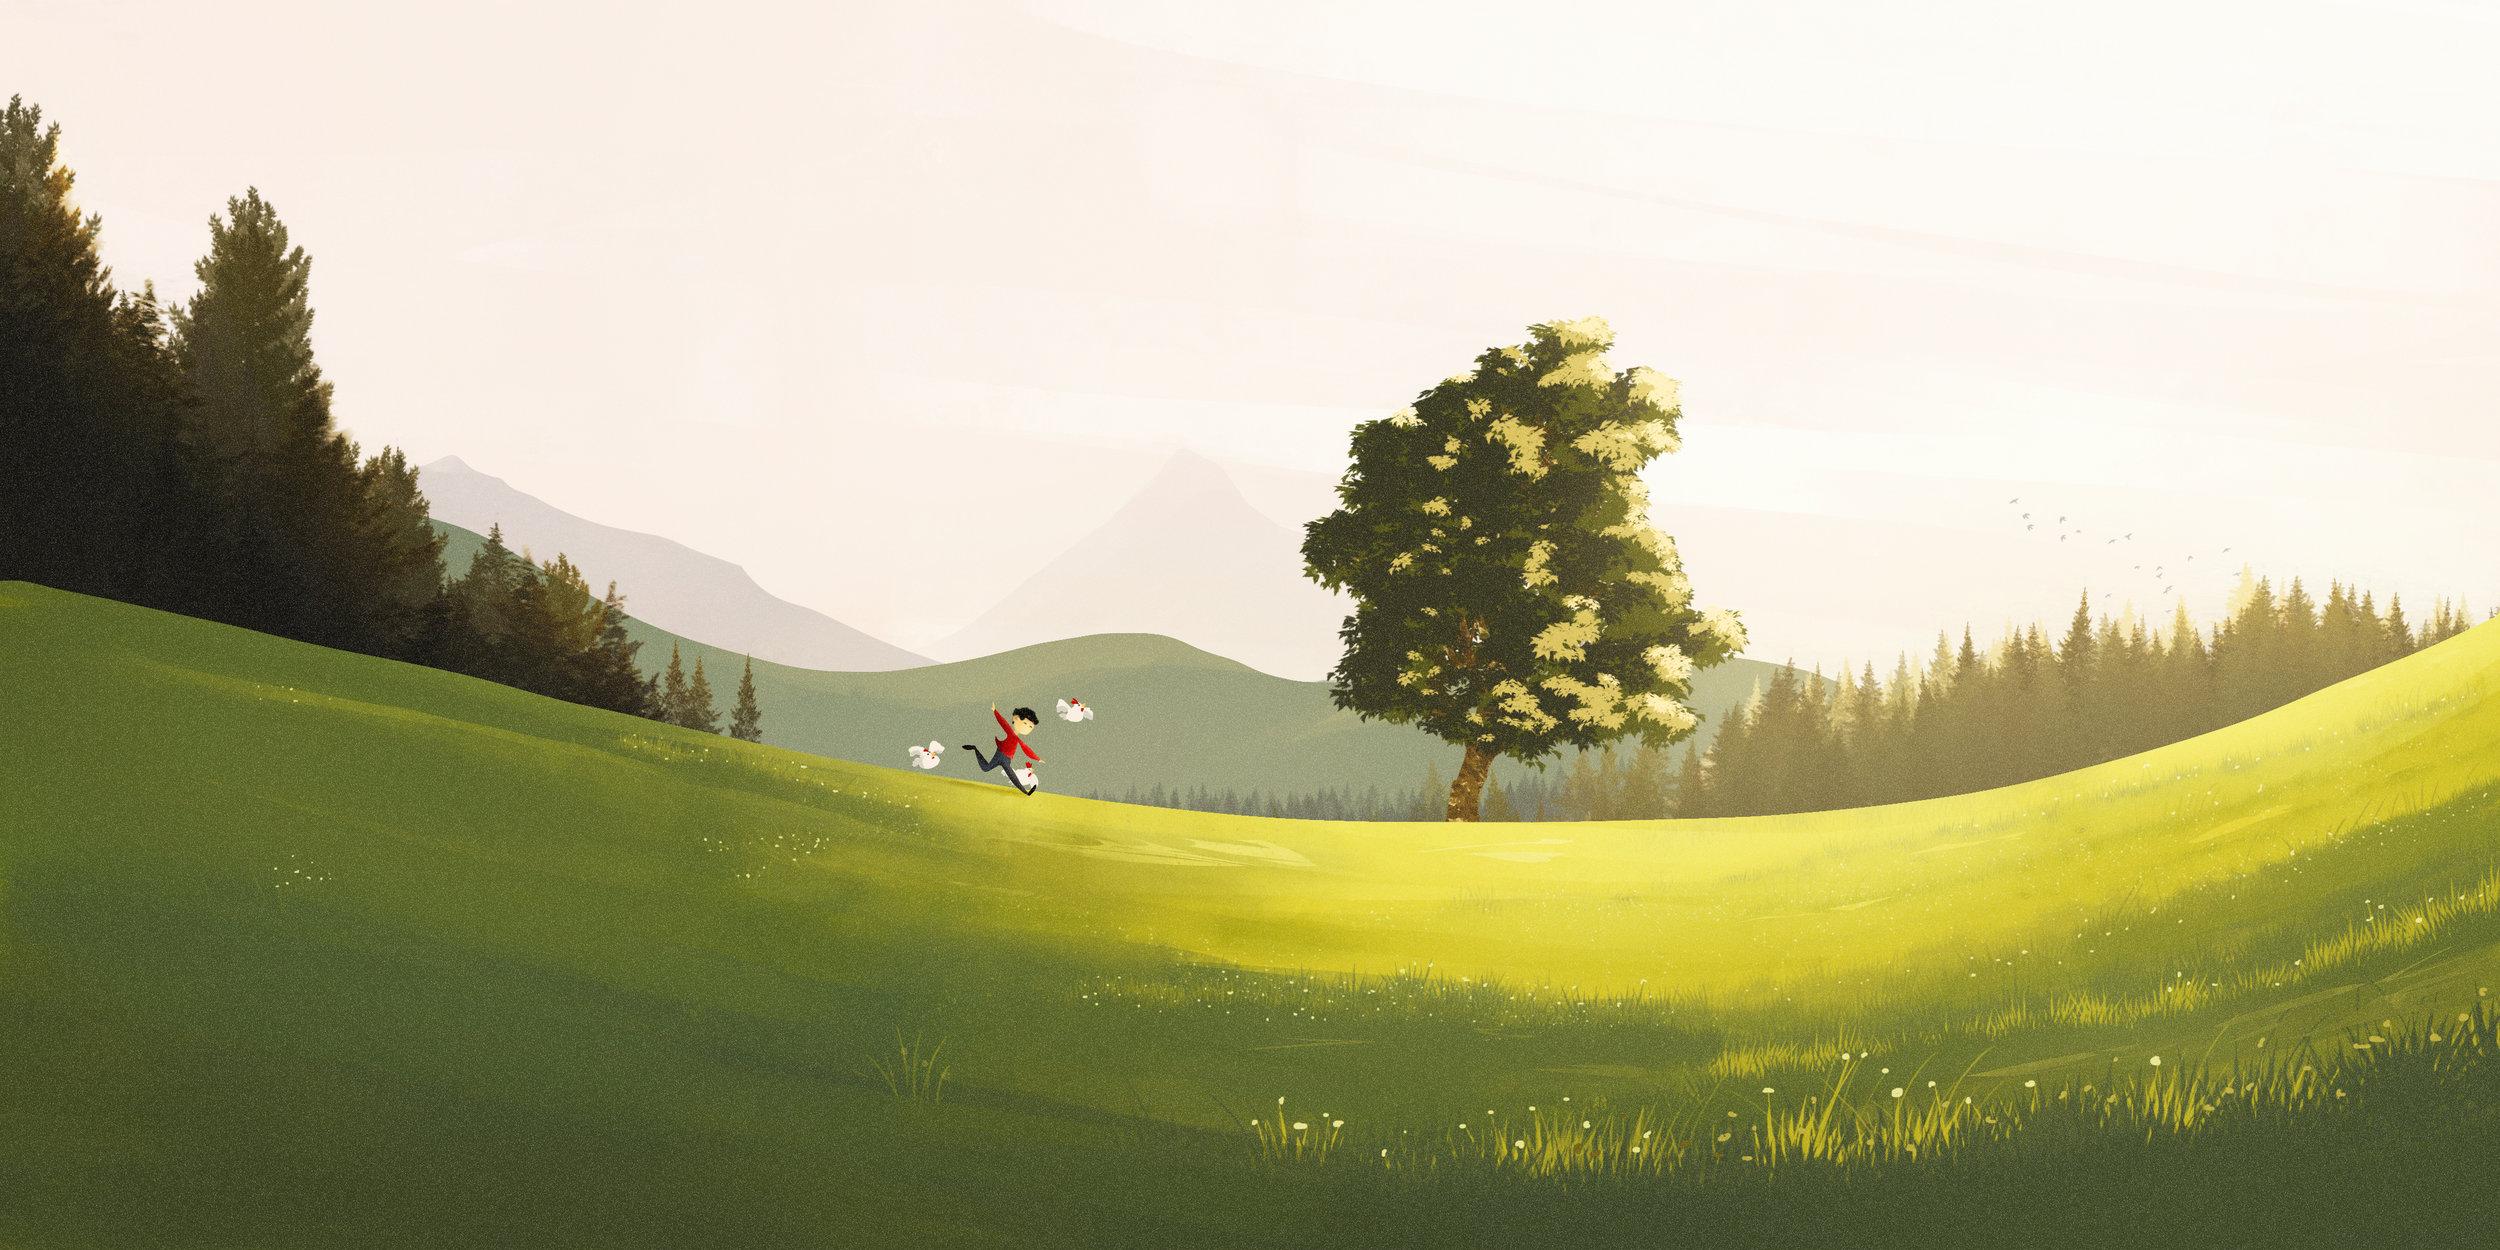 Field_Joy.jpg